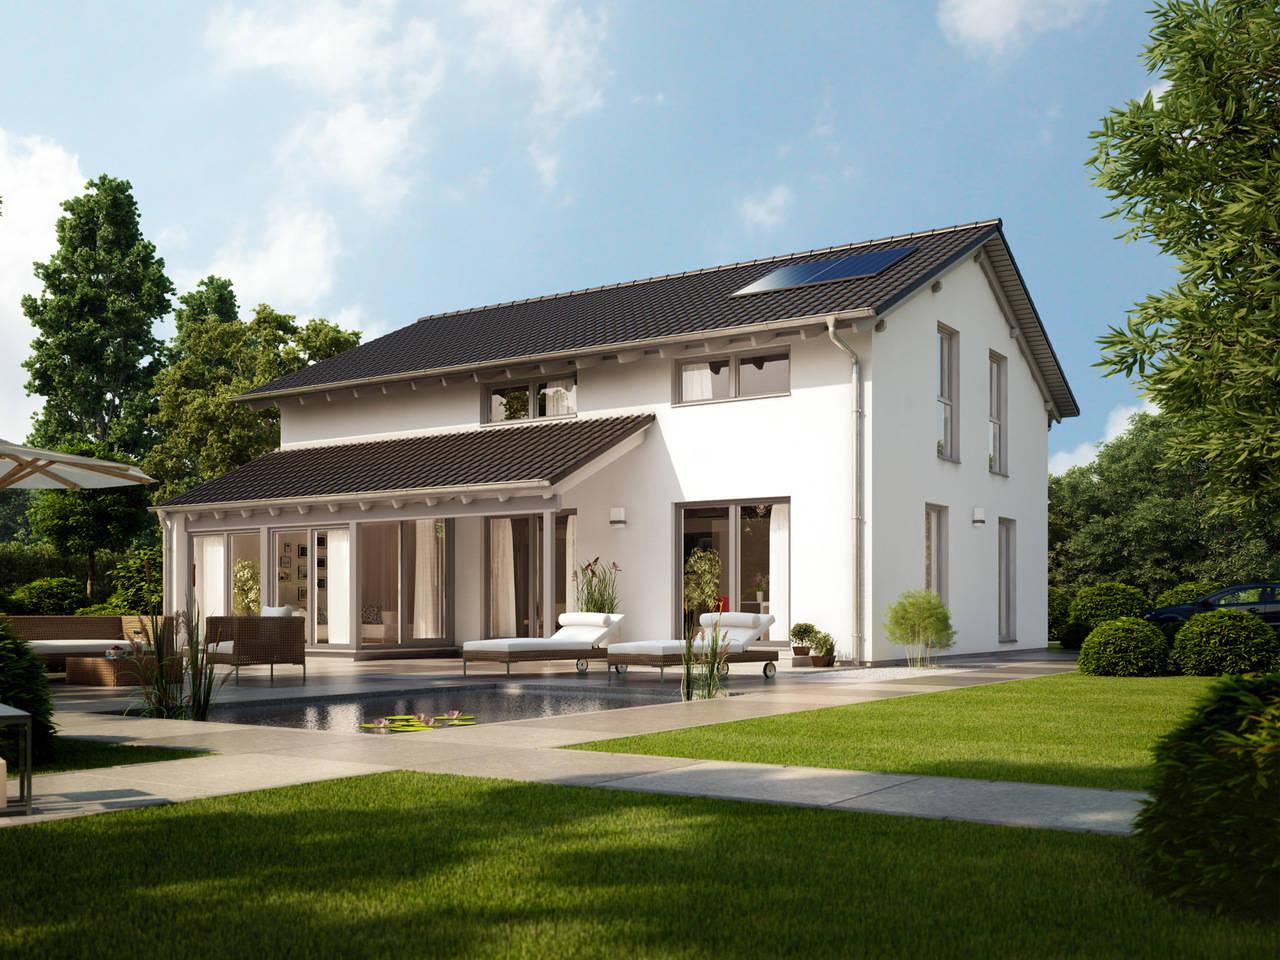 Einfamilienhaus Pappelallee Außenansicht GUSSEK HAUS